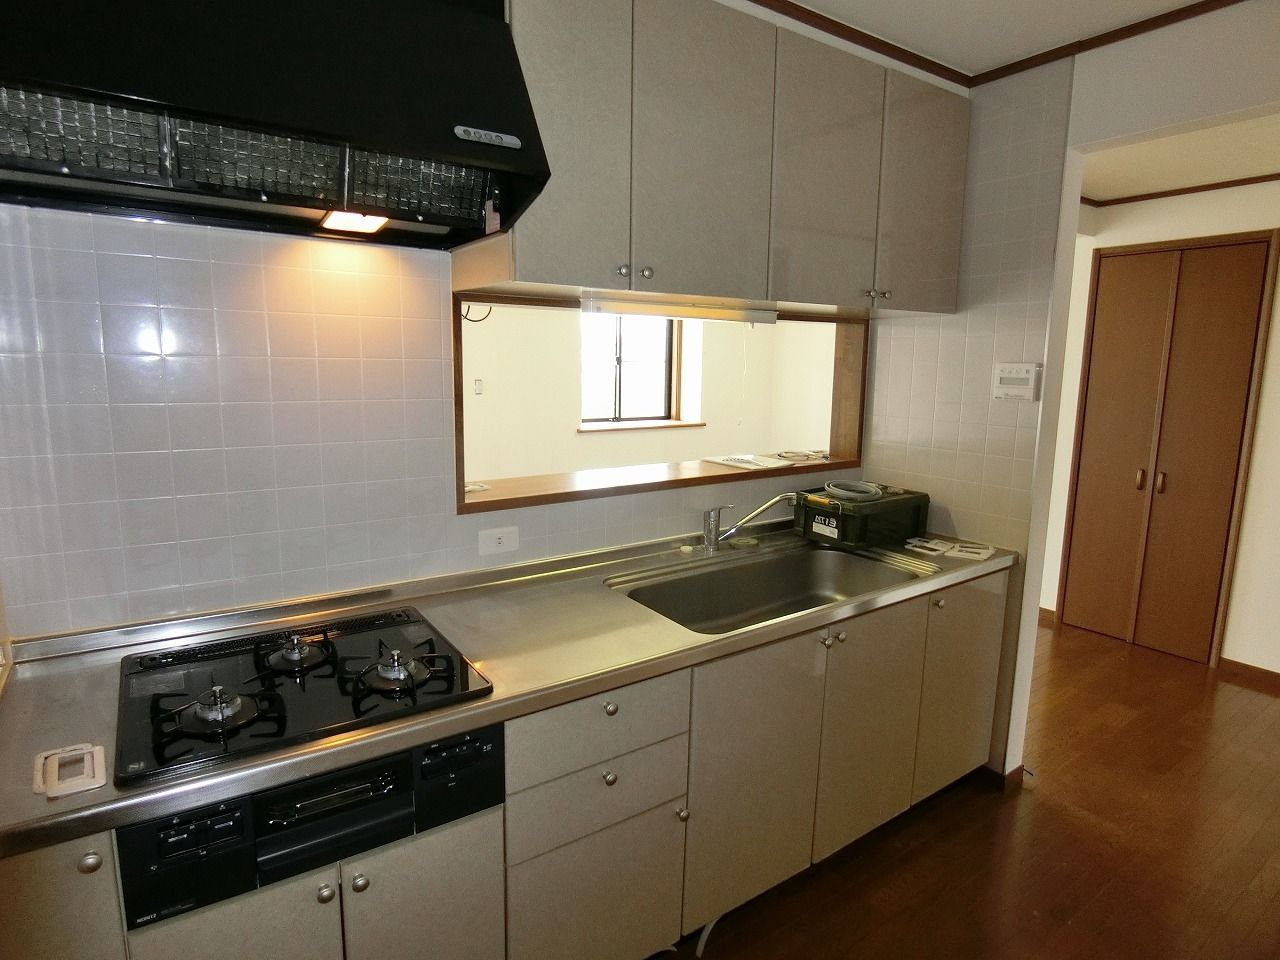 「パークテラスあざみ野」E棟の独立キッチン・システムキッチン